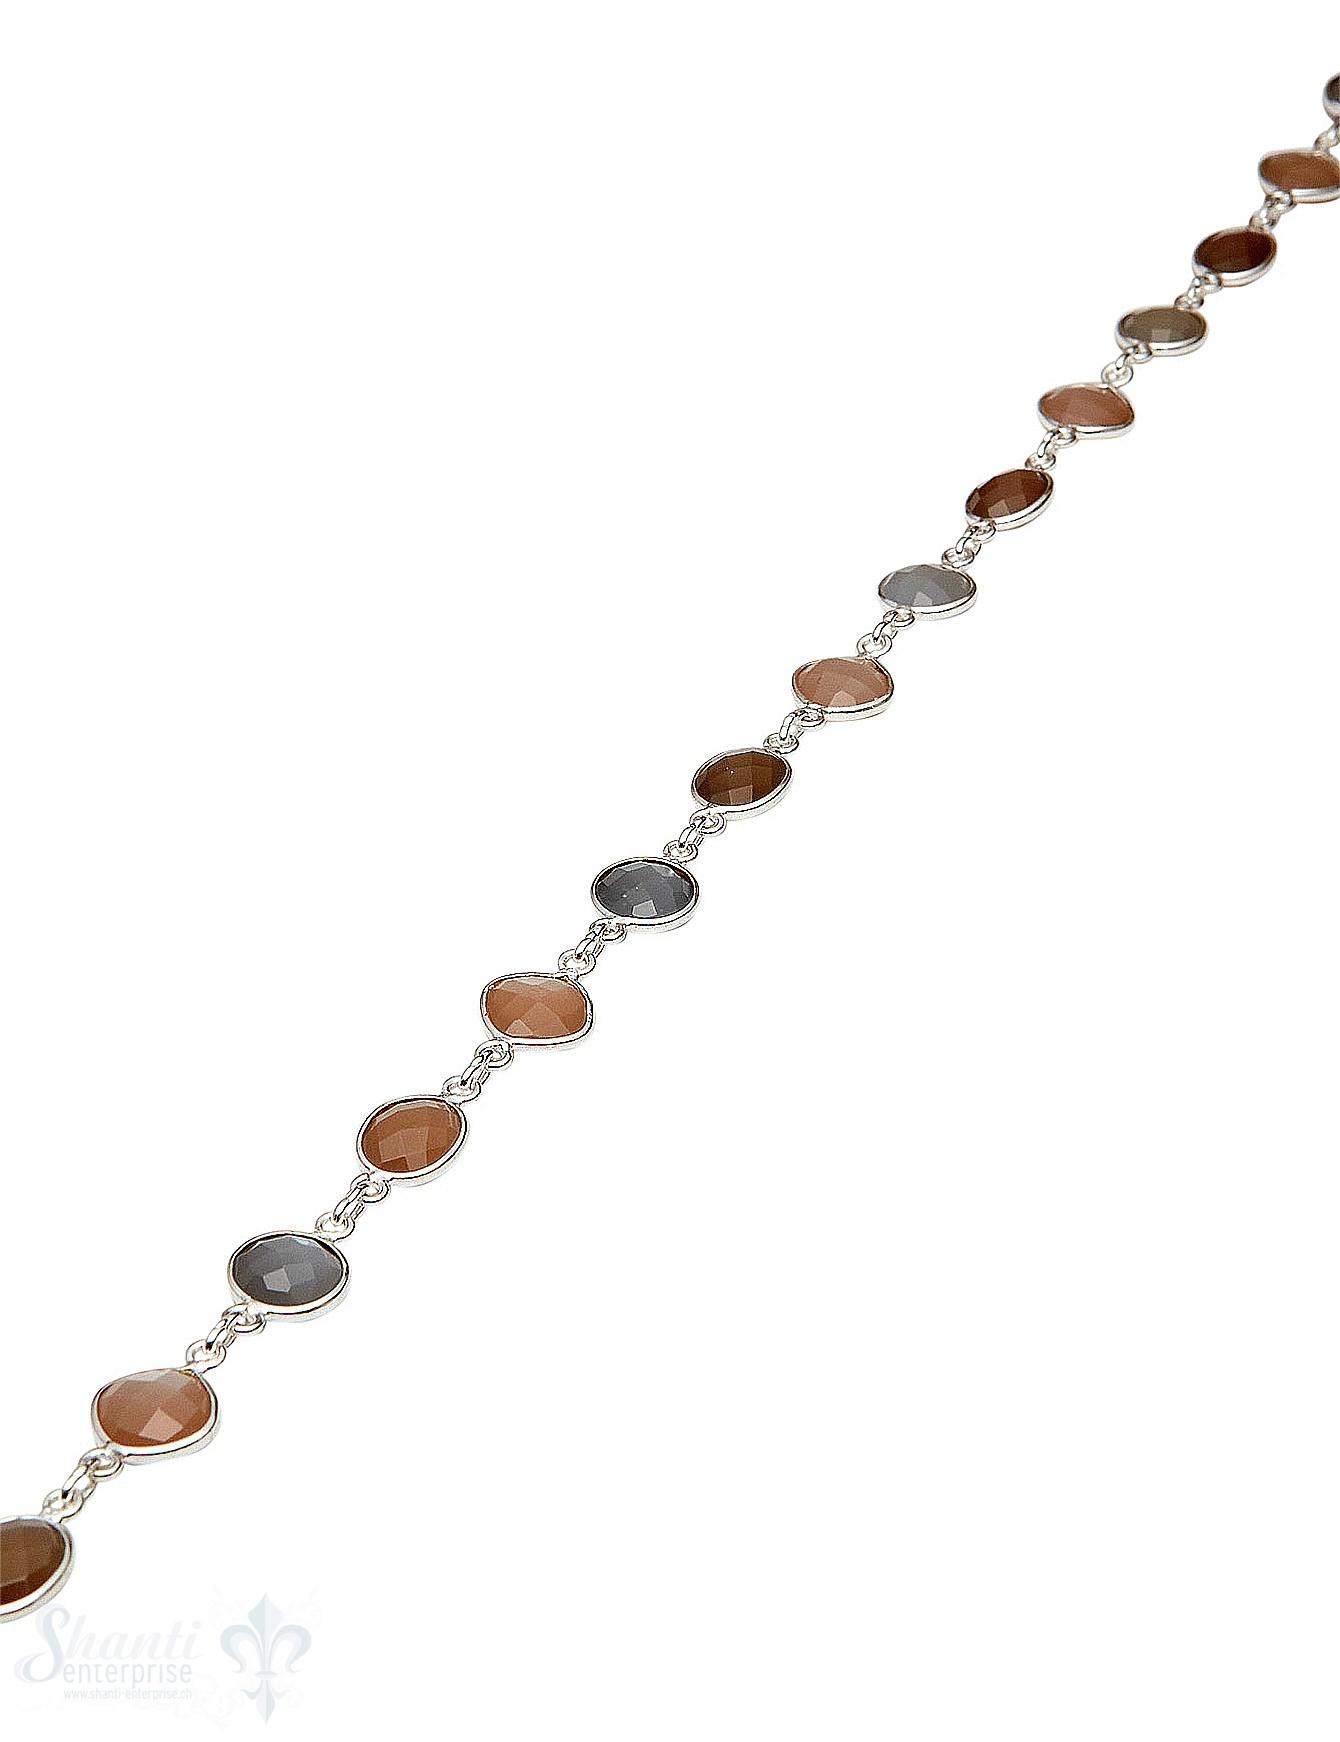 Silberkette mit Mondstein multicolor facettiert ov